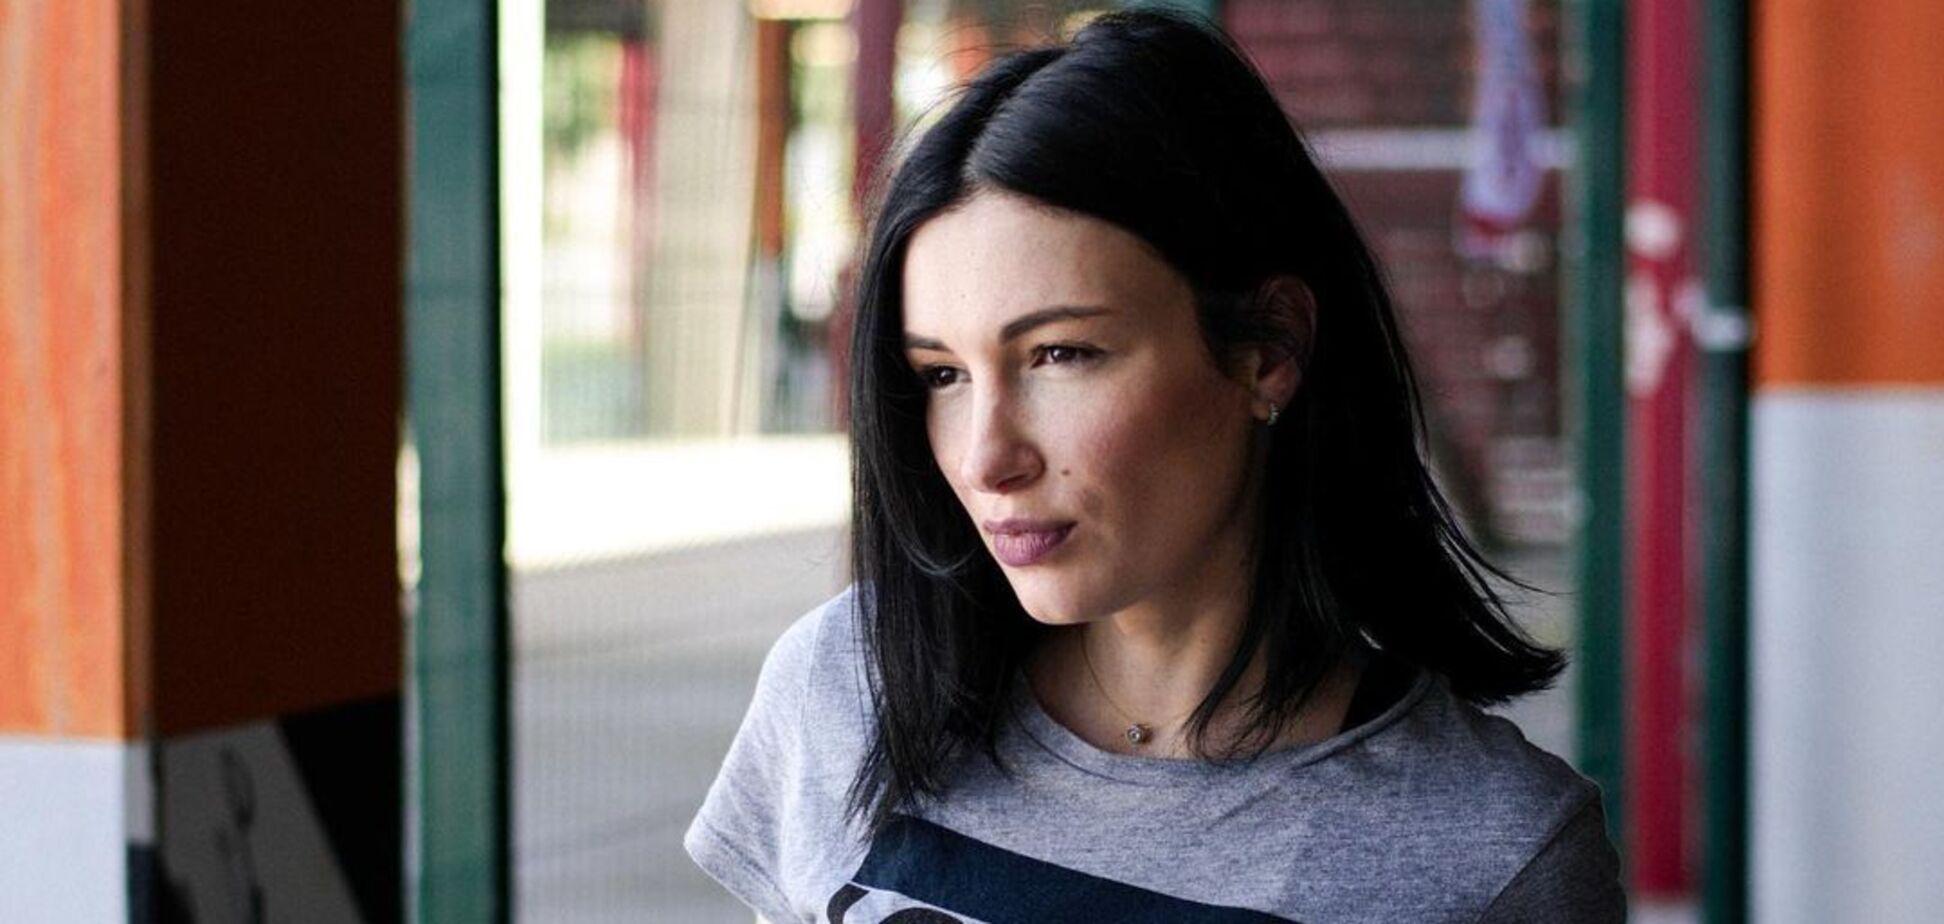 Анастасия Приходько поскандалила с блогером: мне не нравятся накрашенные мальчики в юбках